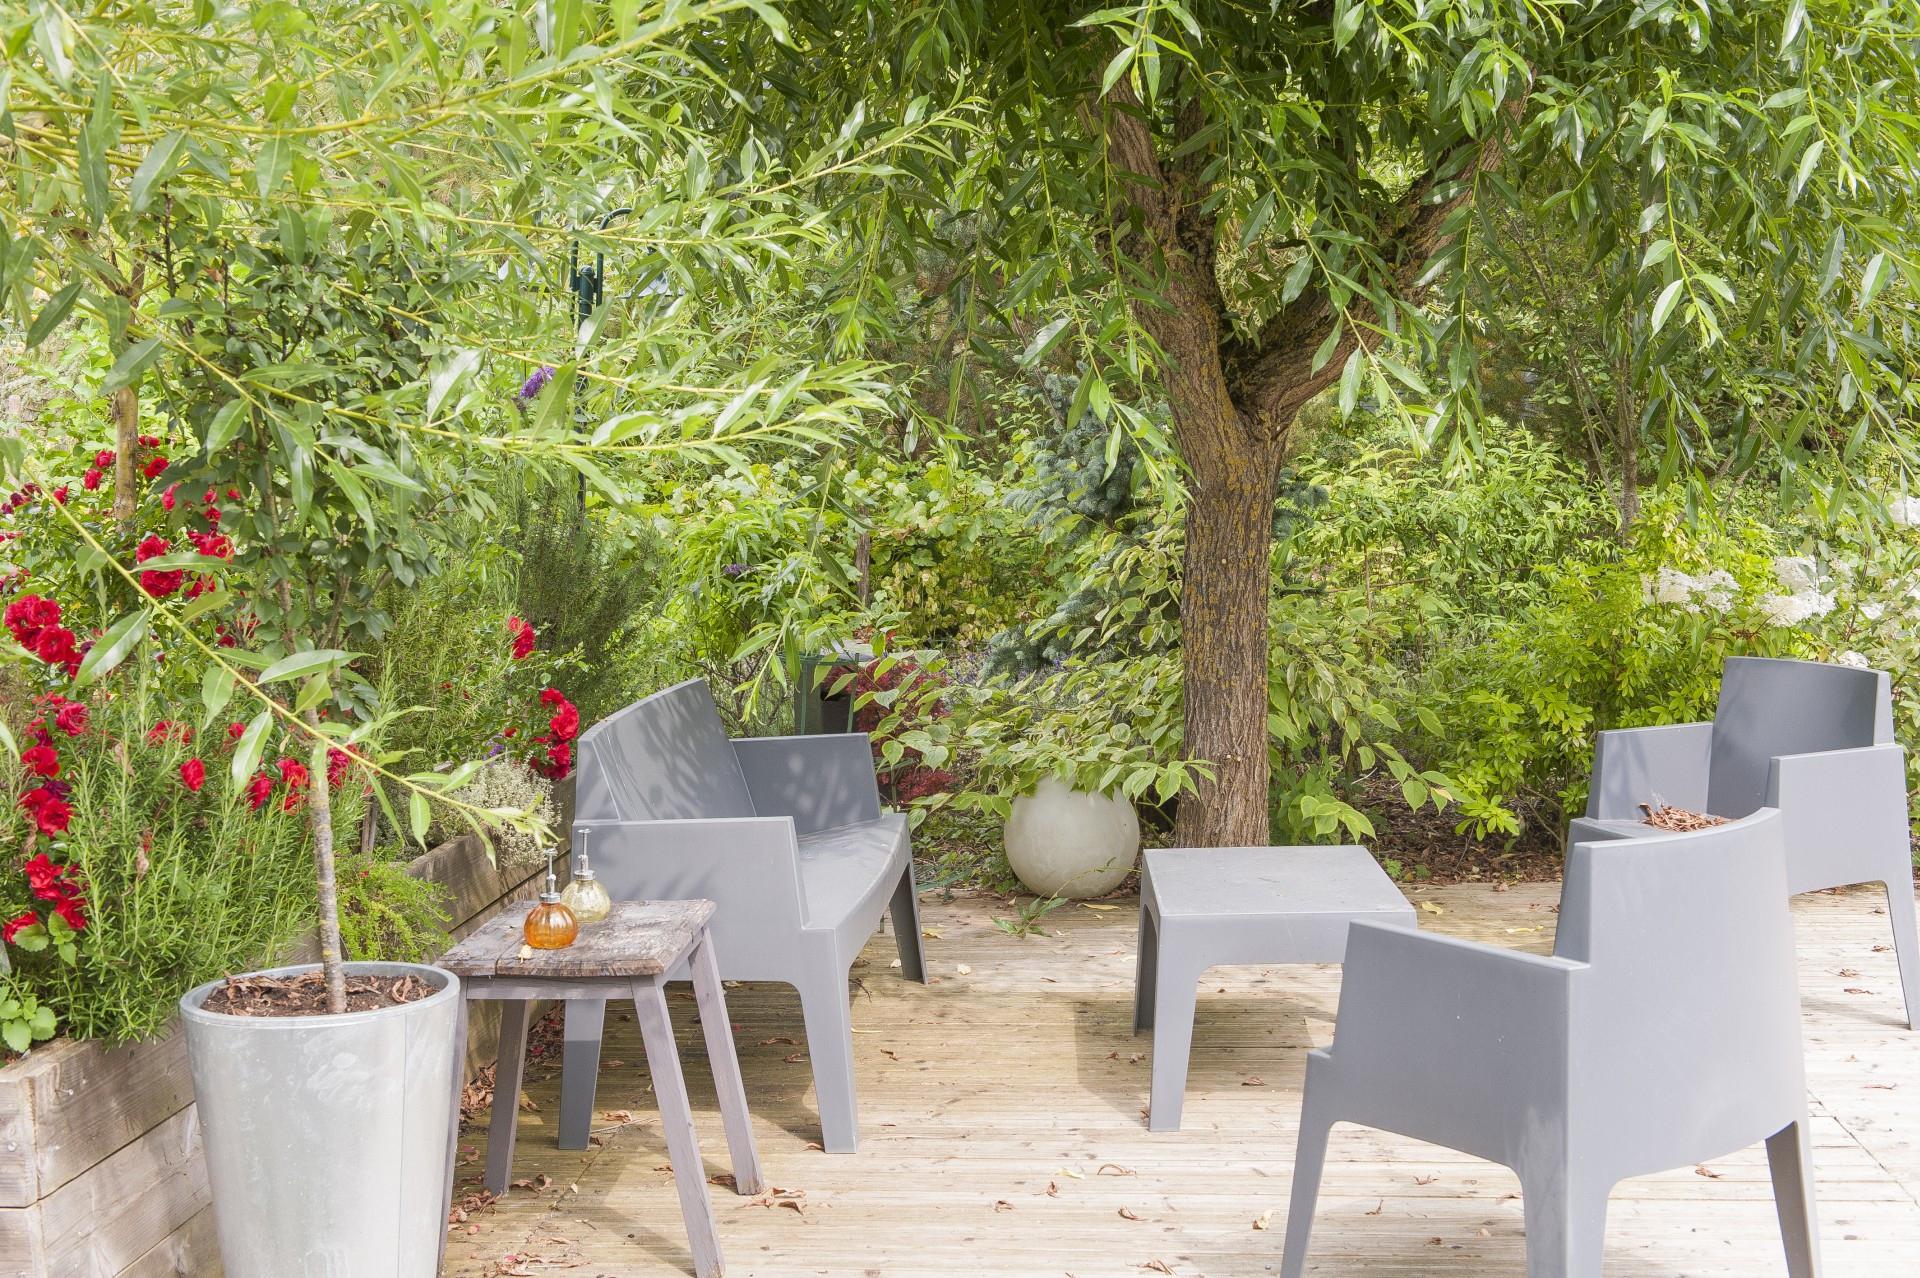 Choisir Les Bons Mobiliers De Jardin Pour Les Beaux Jours concernant Le Bon Coin Serre De Jardin